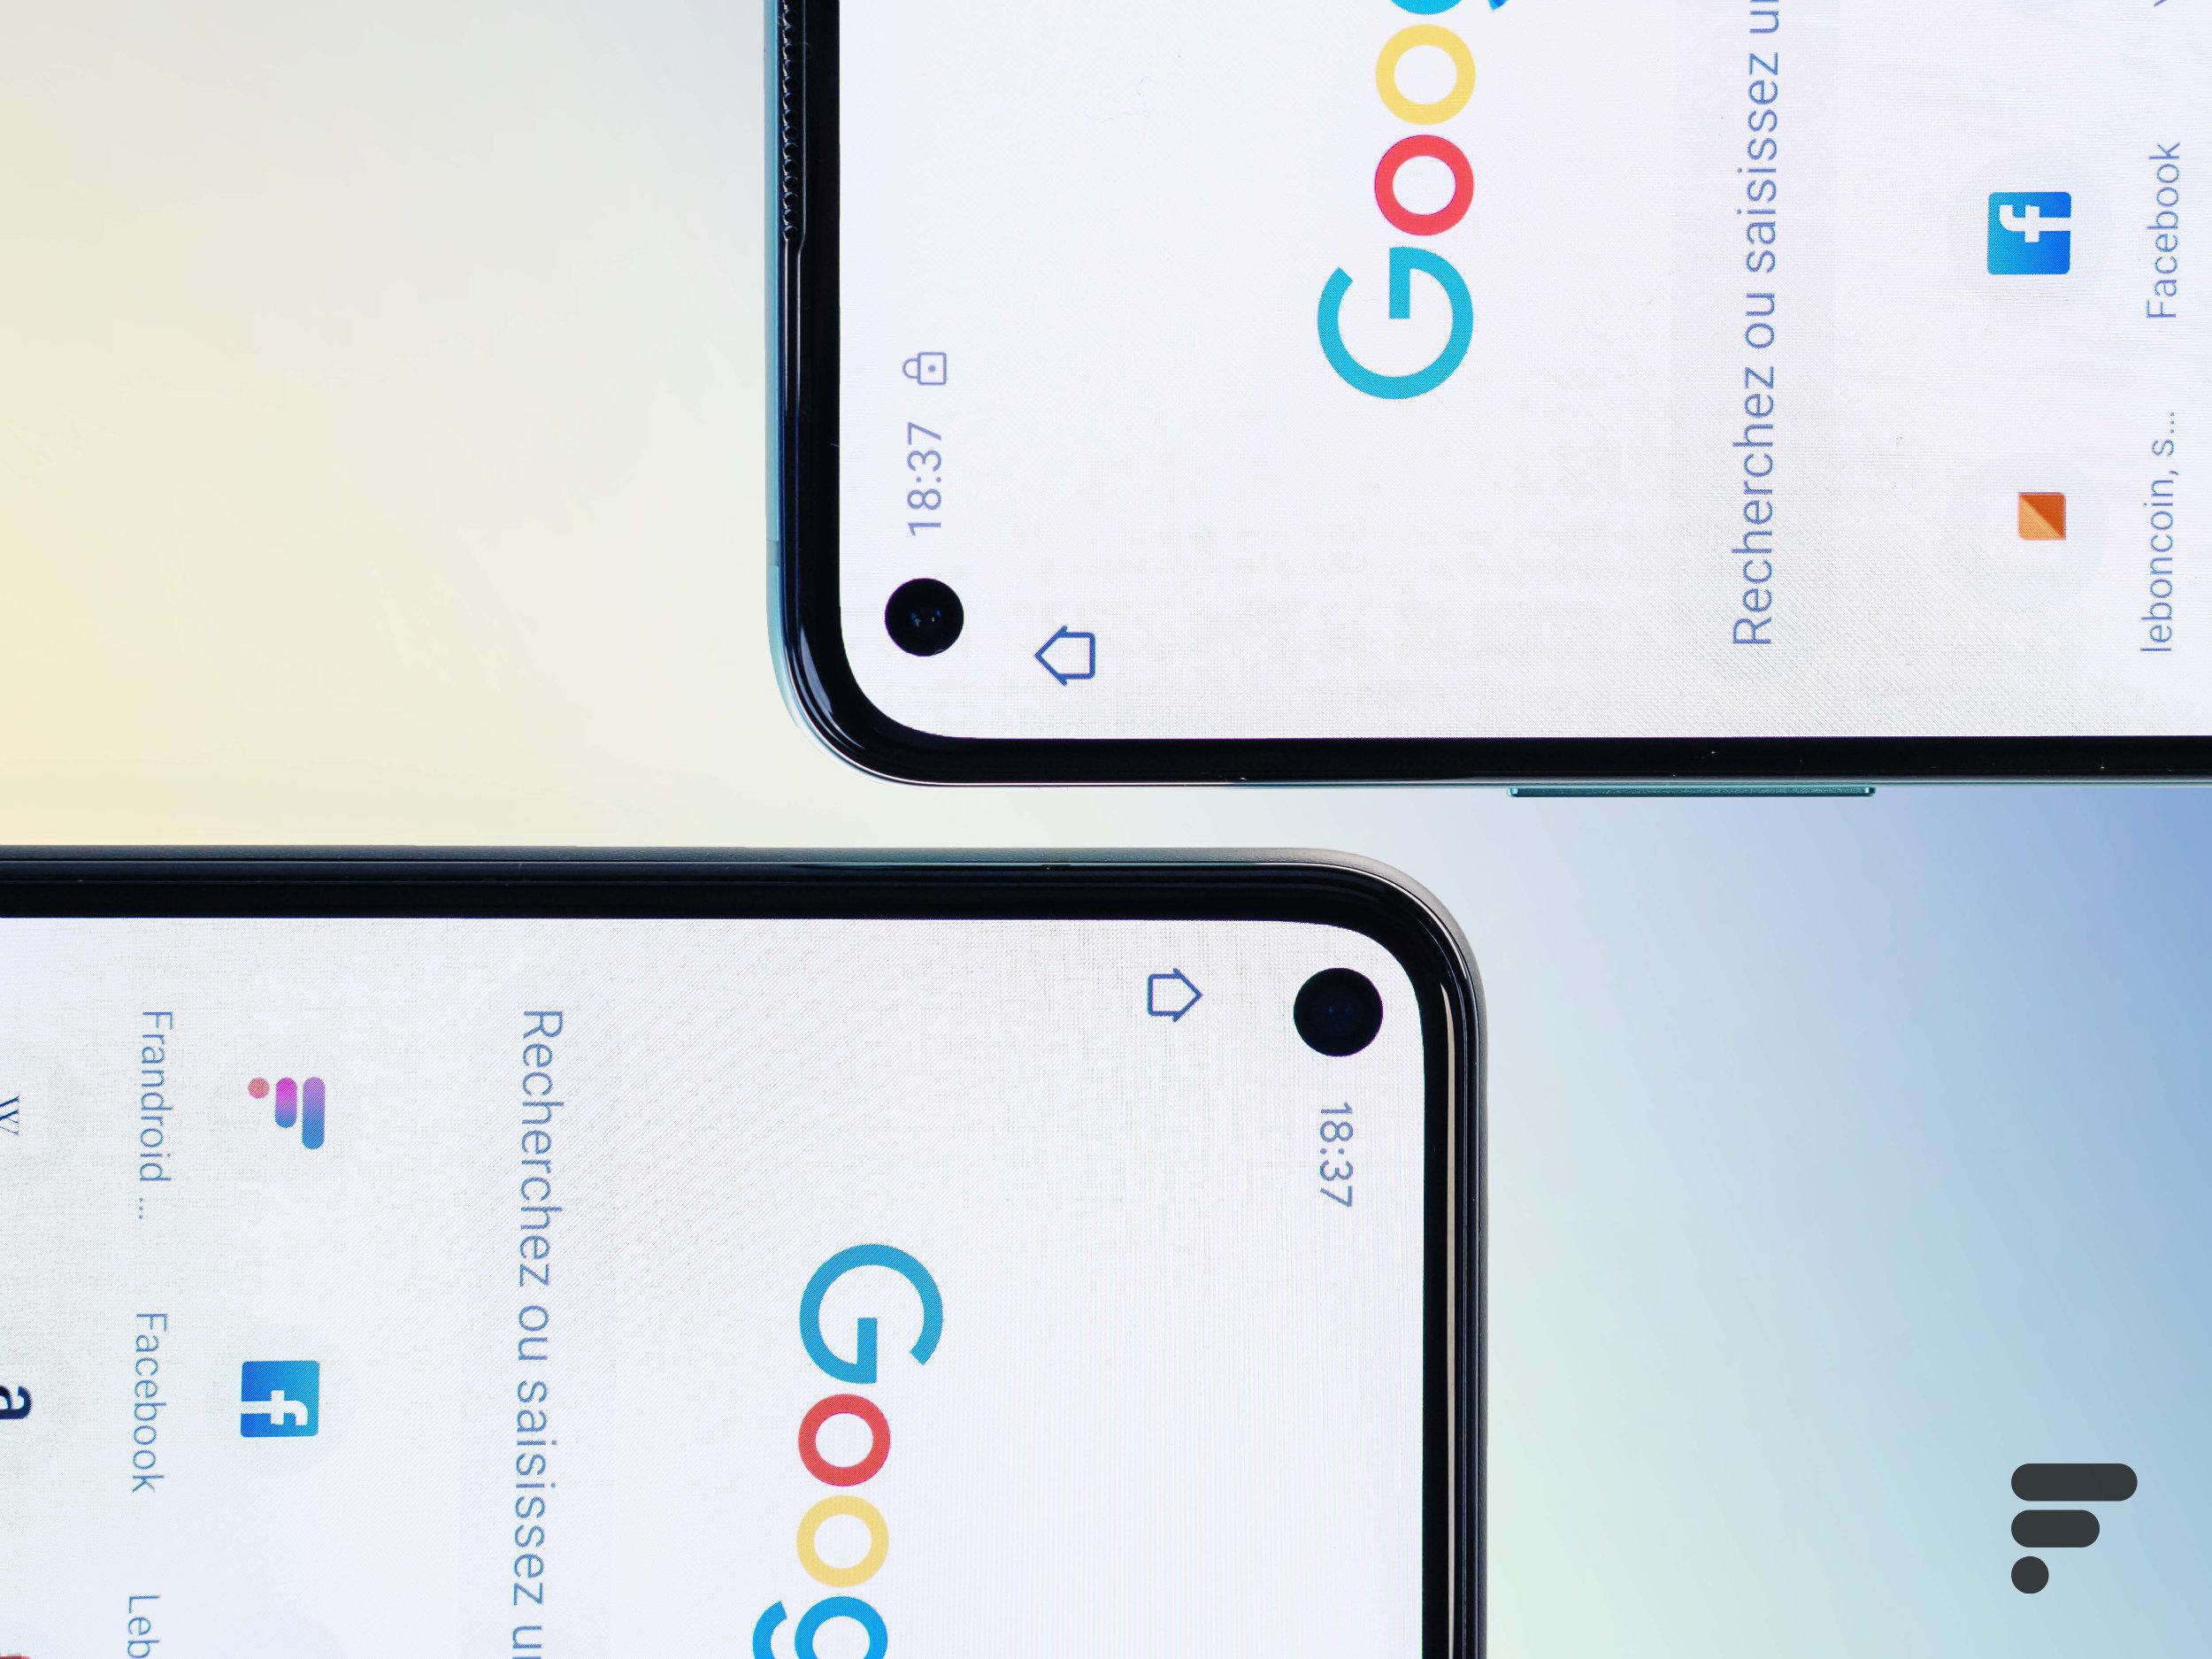 Google Pixel 6 : des changements attendus pour la caméra frontale du téléphone